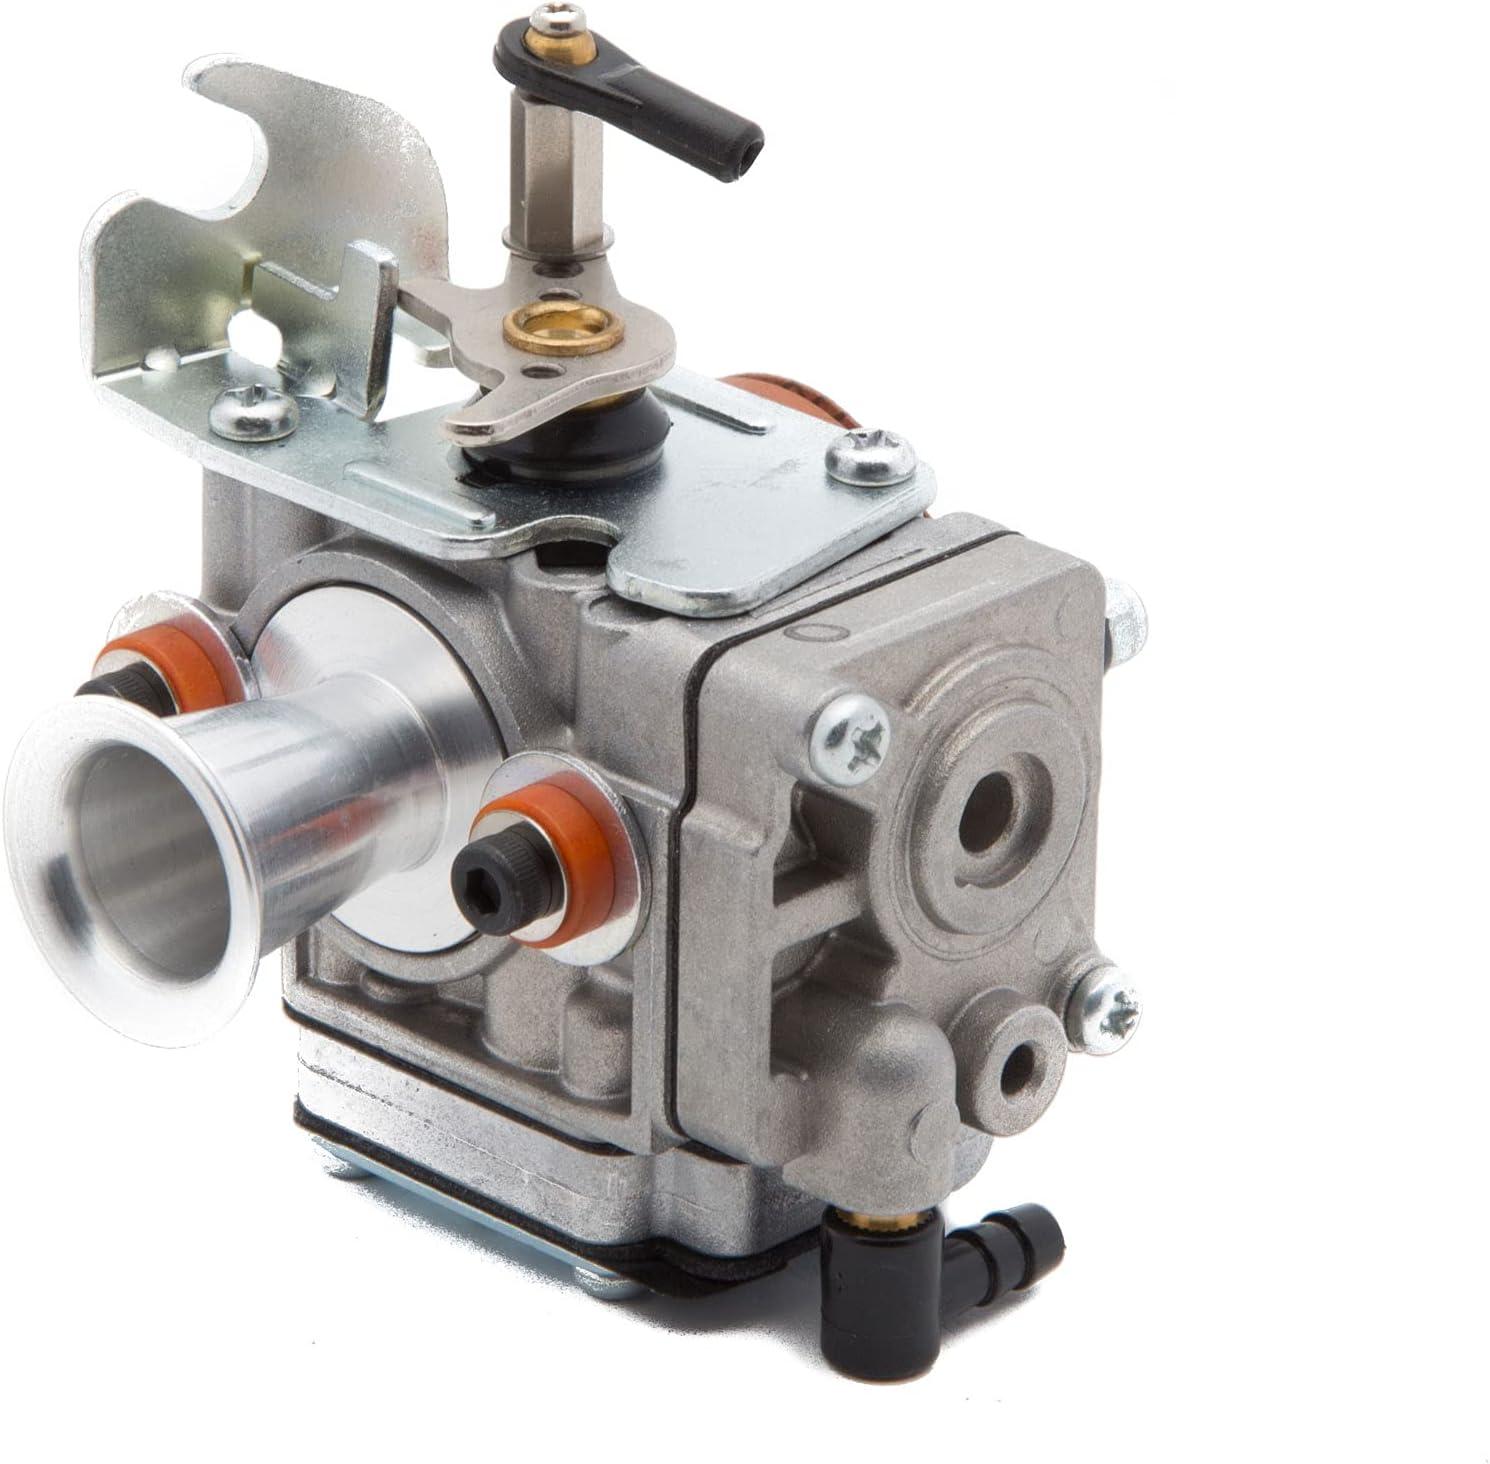 Saito Engines Tucson Mall Carburetor Complete: SAIG36821 AK 2021 new FG-36: BP